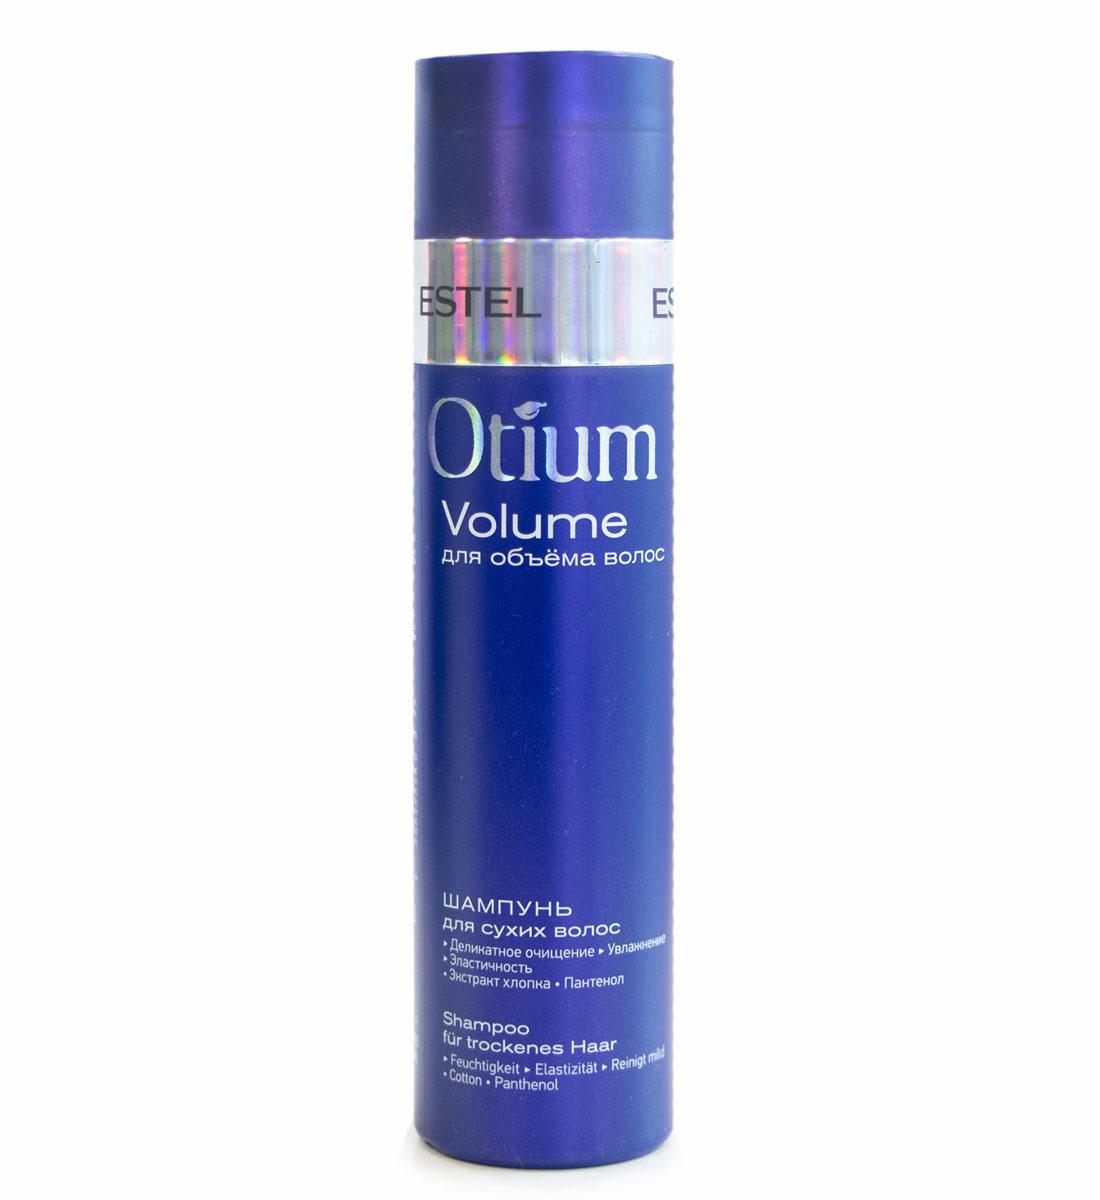 Estel Otium Butterfly Air-шампунь для сухих волос 250 млOTM.21Estel Otium Butterfly Air - шампунь для сухих волос. Нежный шампунь с комплексом Butterfly ипантенолом деликатно очищает сухие волосы, интенсивно увлажняет их, уплотняет структуру.Придаёт воздушный объём, обеспечивает сияющий блеск. Обладает антистатическим эффектом.Уважаемые клиенты! Обращаем ваше внимание на то, что упаковка может иметь несколько видов дизайна.Поставка осуществляется в зависимости от наличия на складе.